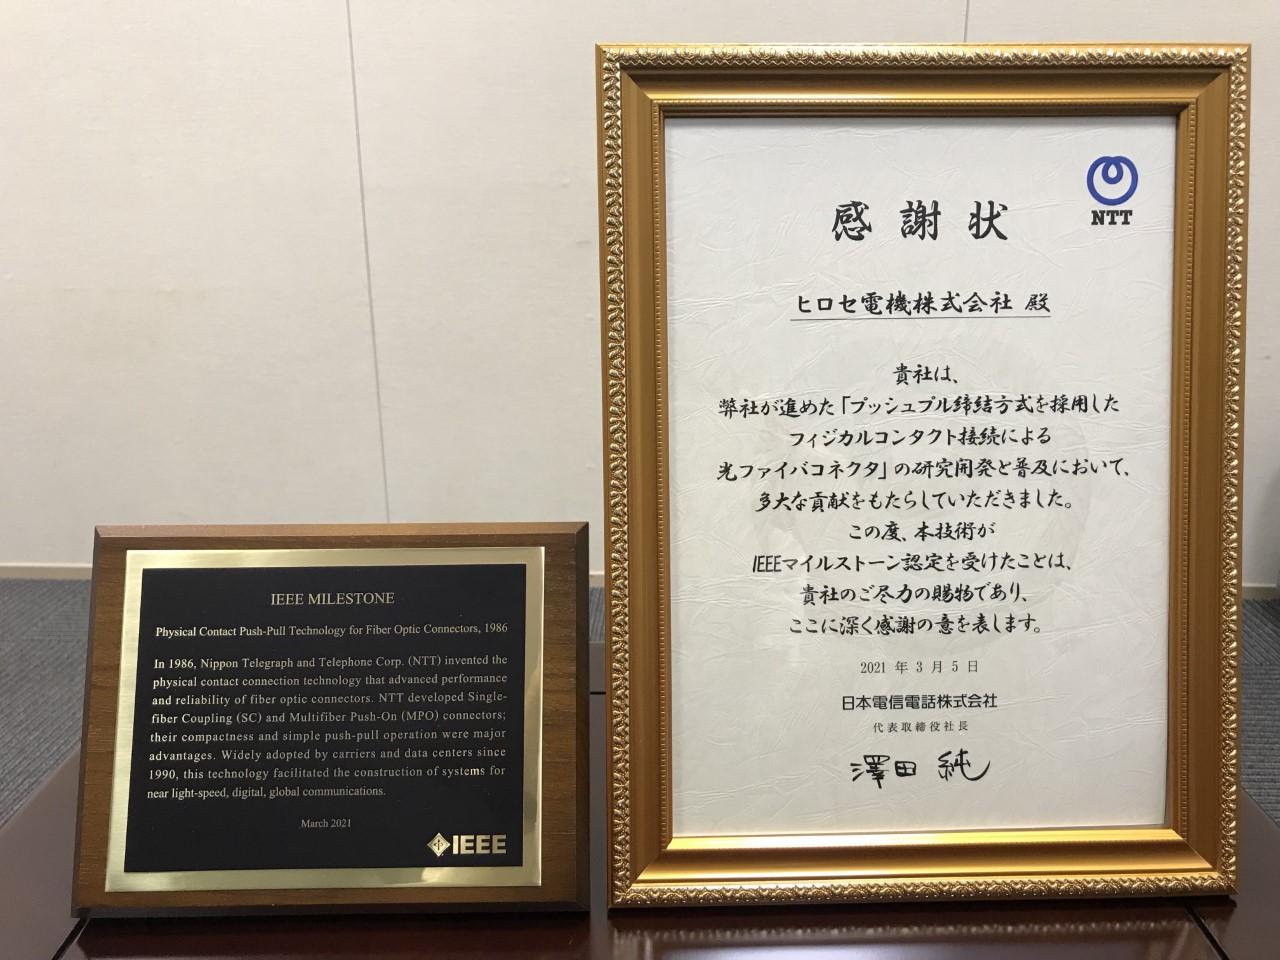 記念品(IEEEマイルストーン銘板のレプリカ)と感謝状